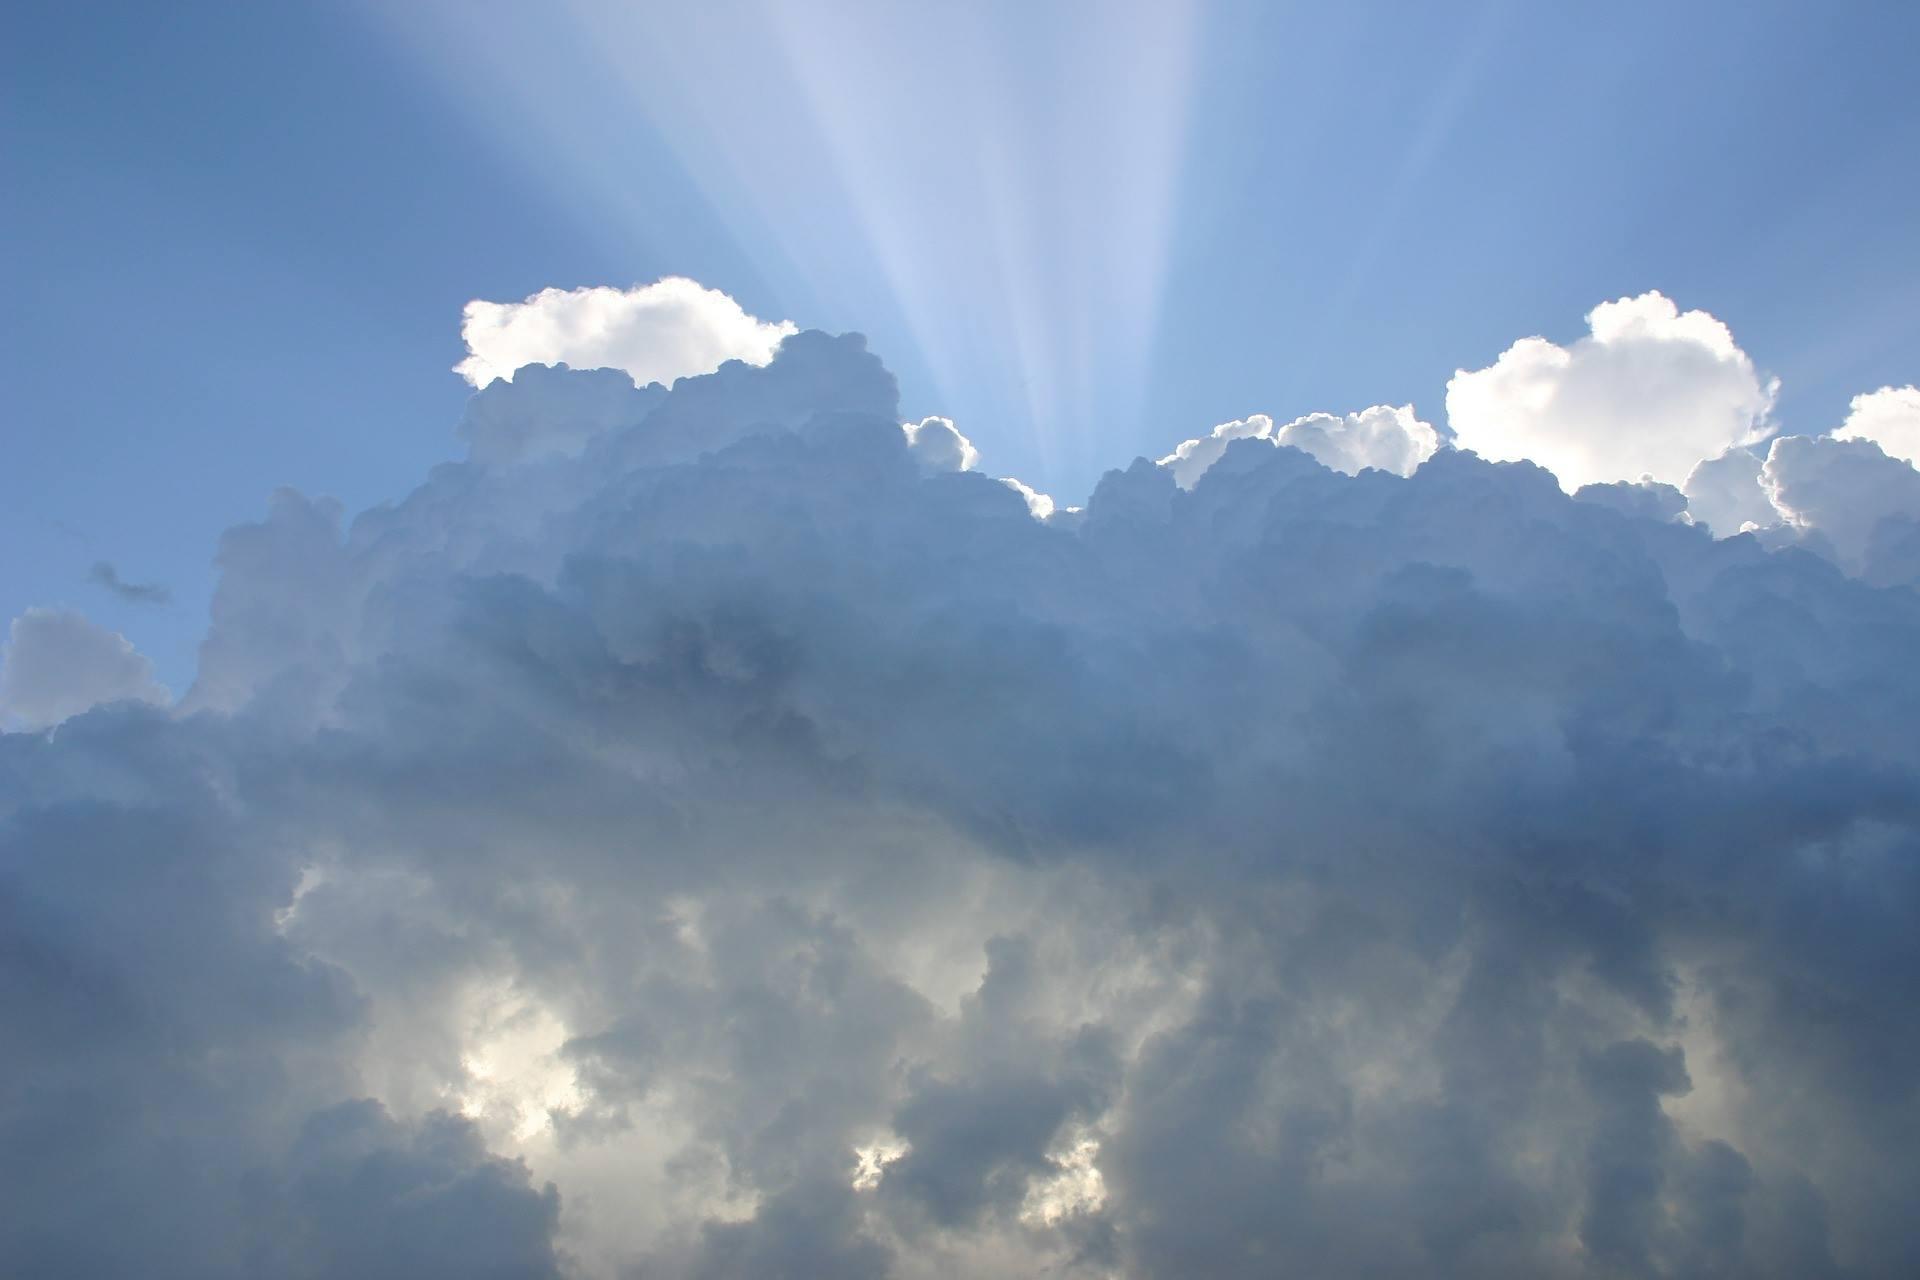 Tjek lige vejret udenfor… og derefter din egen vejrudsigt inde i dig.